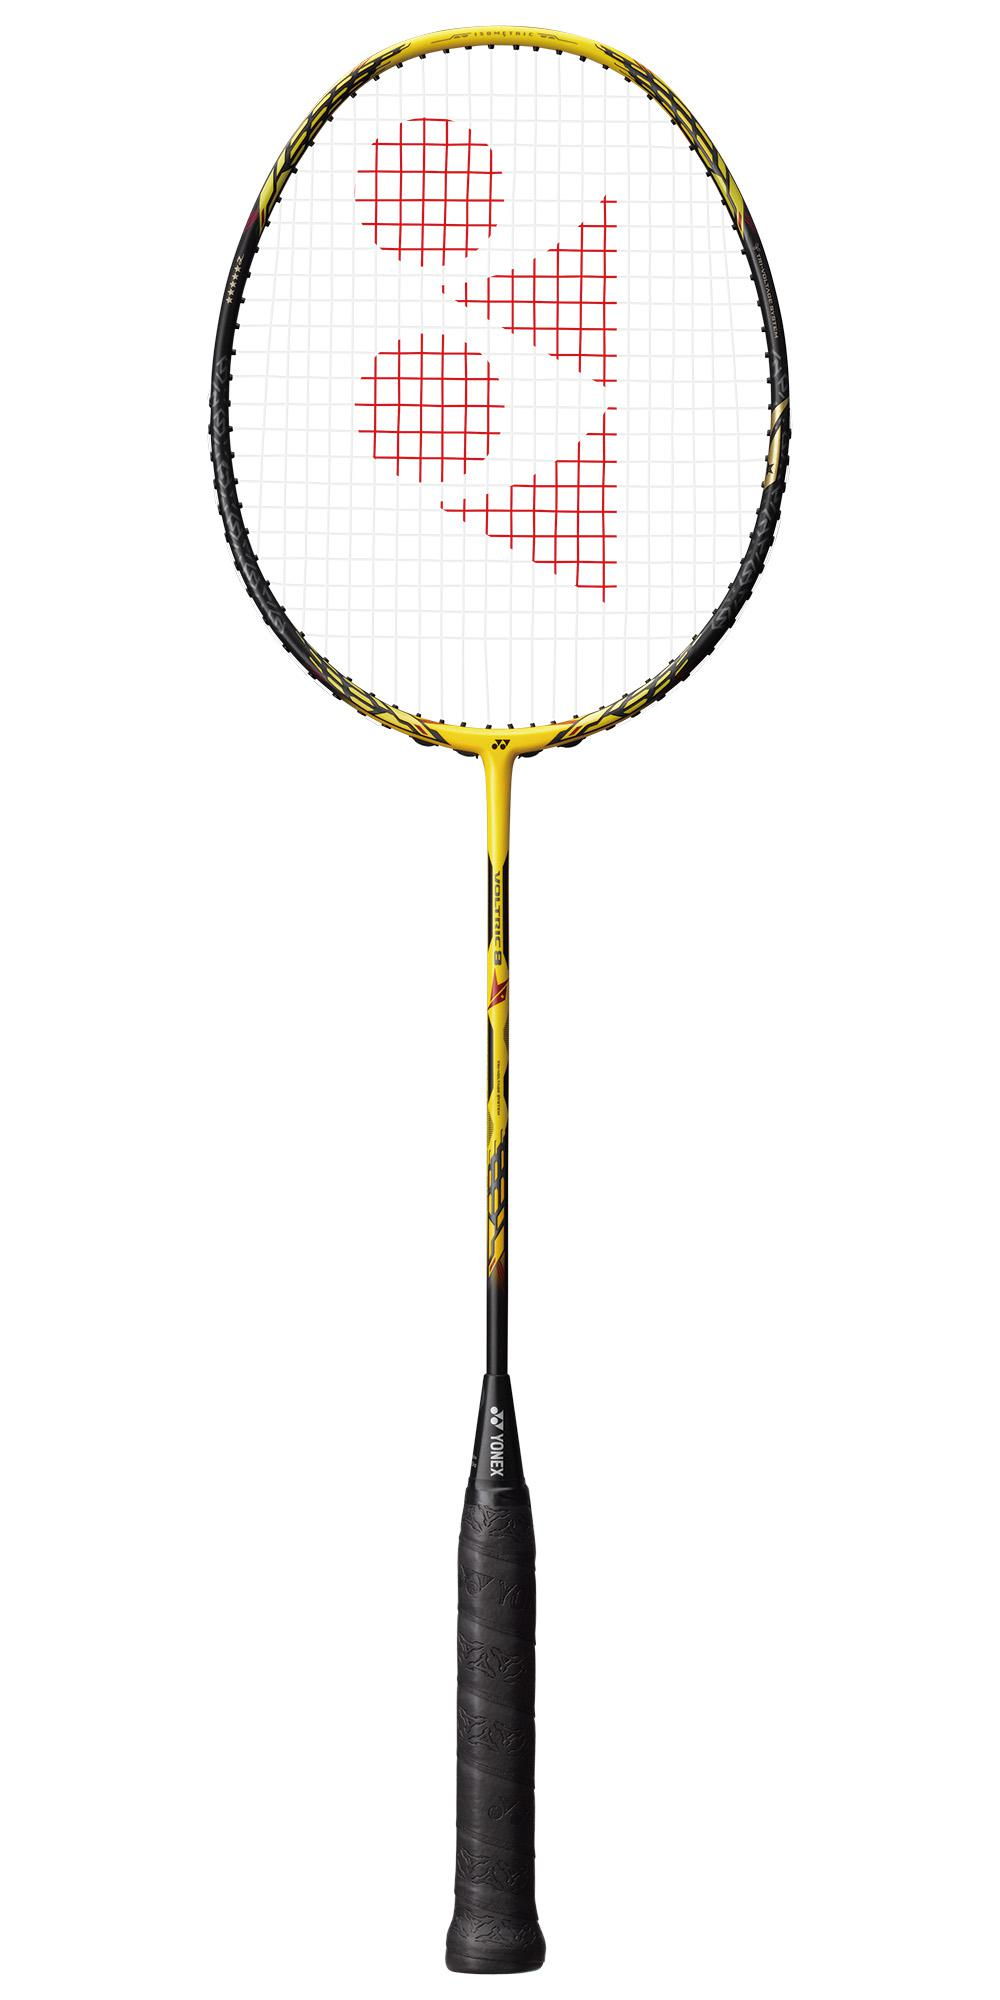 Yonex Voltric 8 Lin Dan Limited Edition Badminton Racket - Tennisnuts.com